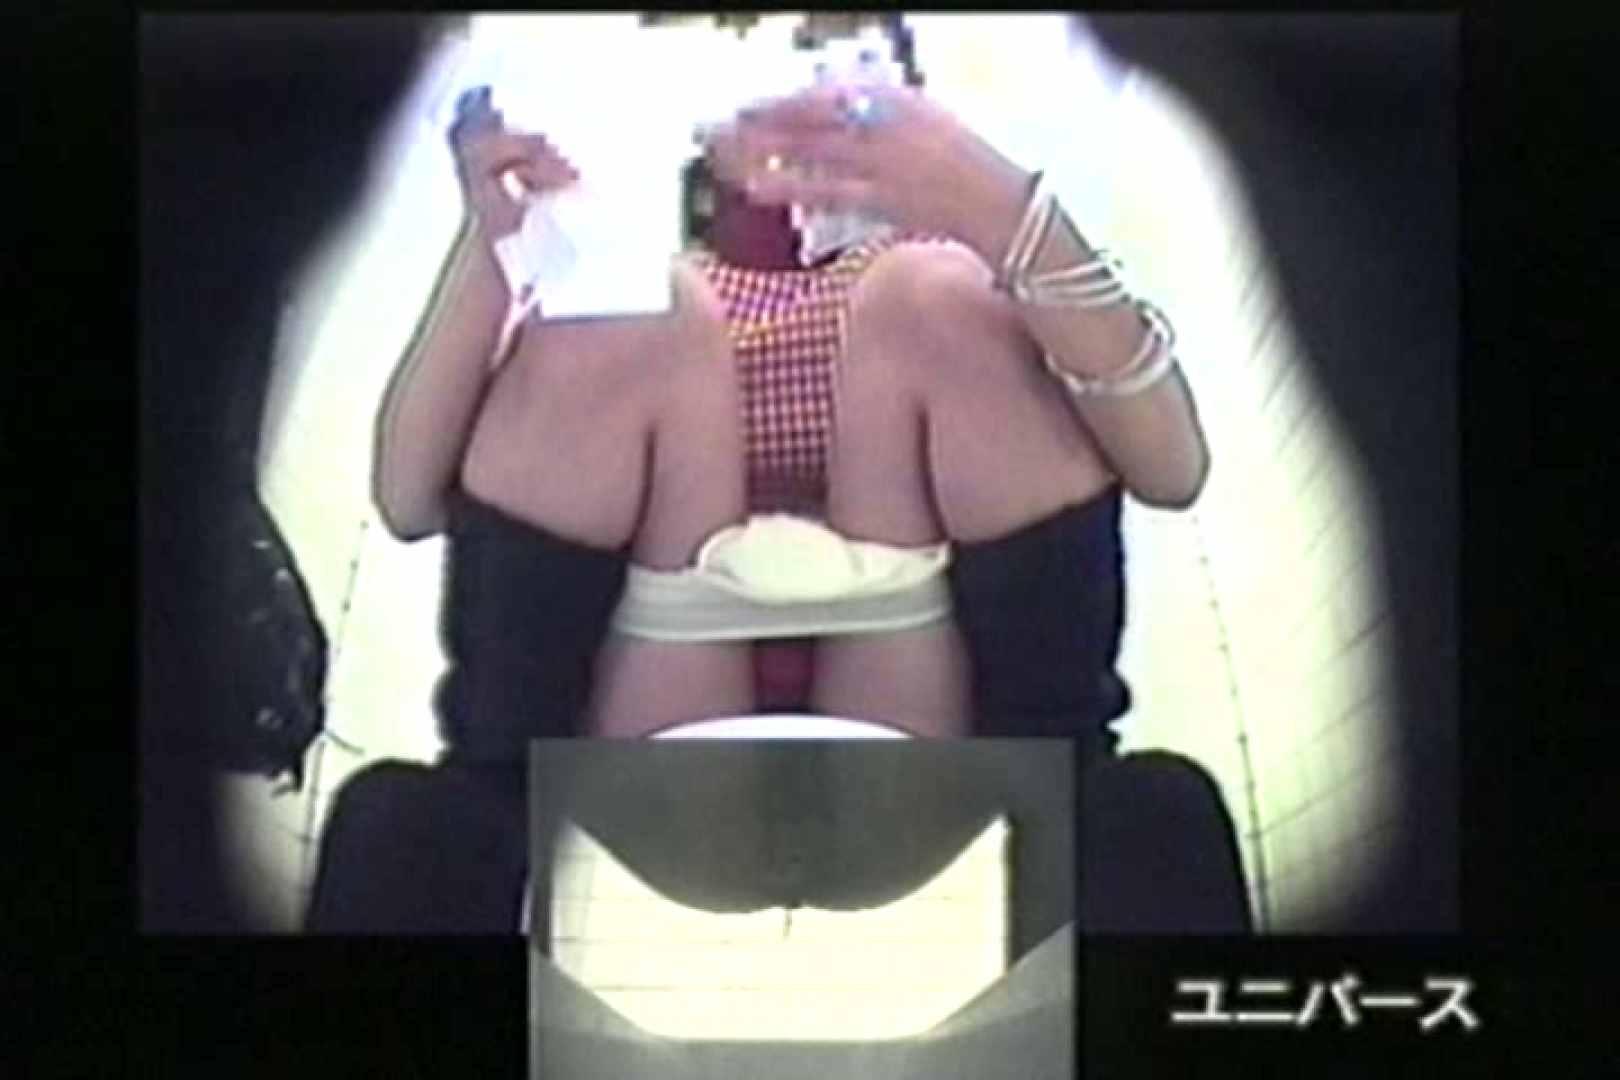 下半身シースルー洗面所Vol.2 洗面所 隠し撮りオマンコ動画紹介 69PIX 14